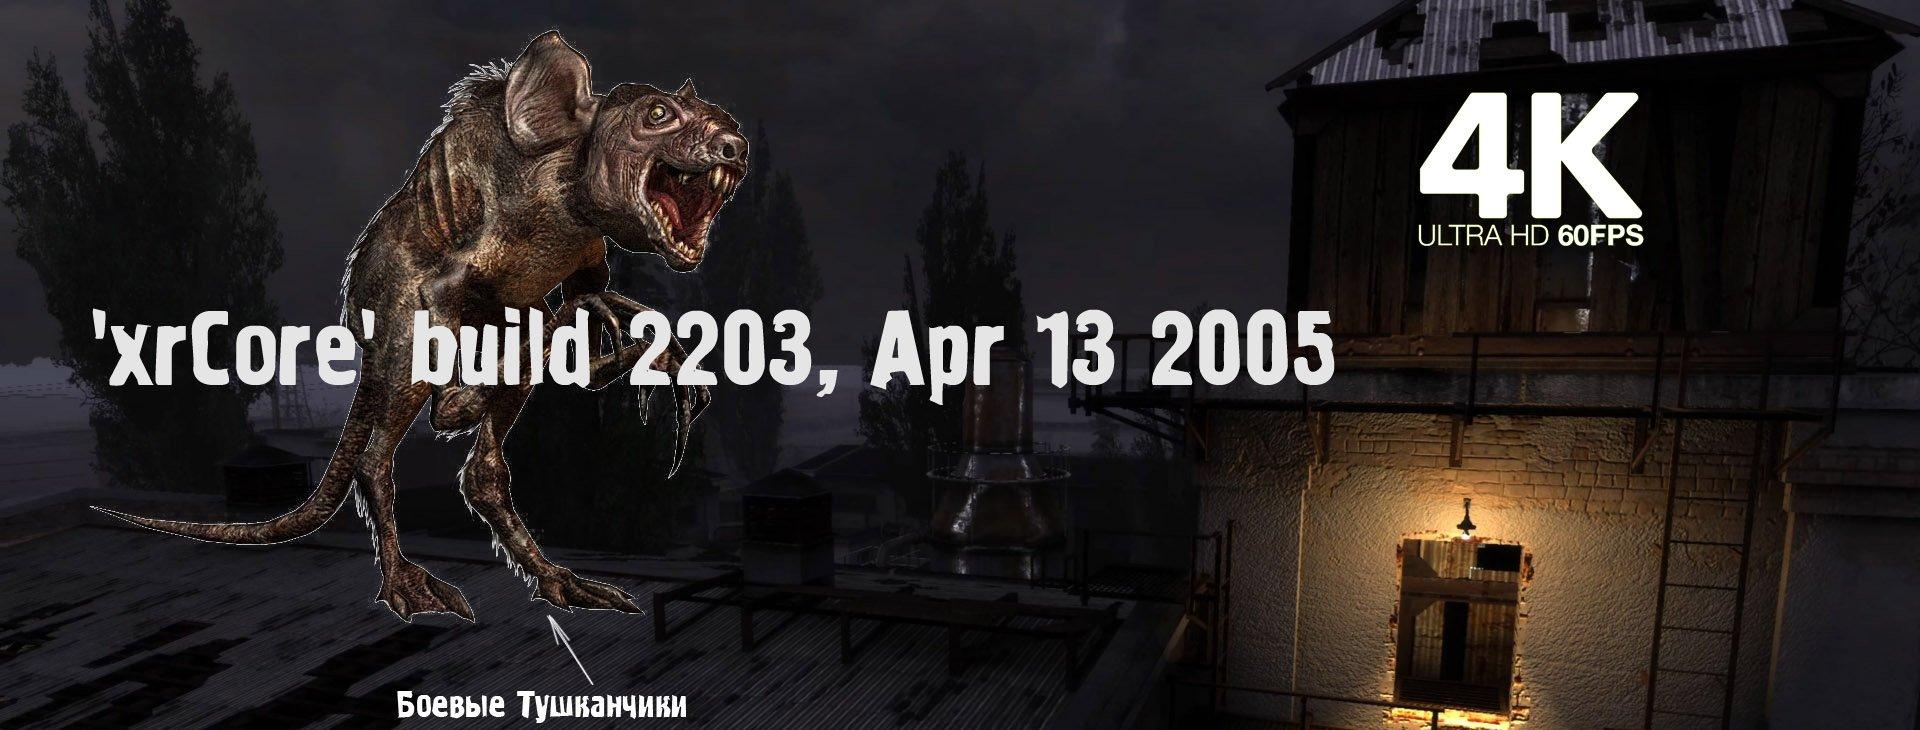 Боевые Тушканчики build 2203, Apr 13 2005, DX9